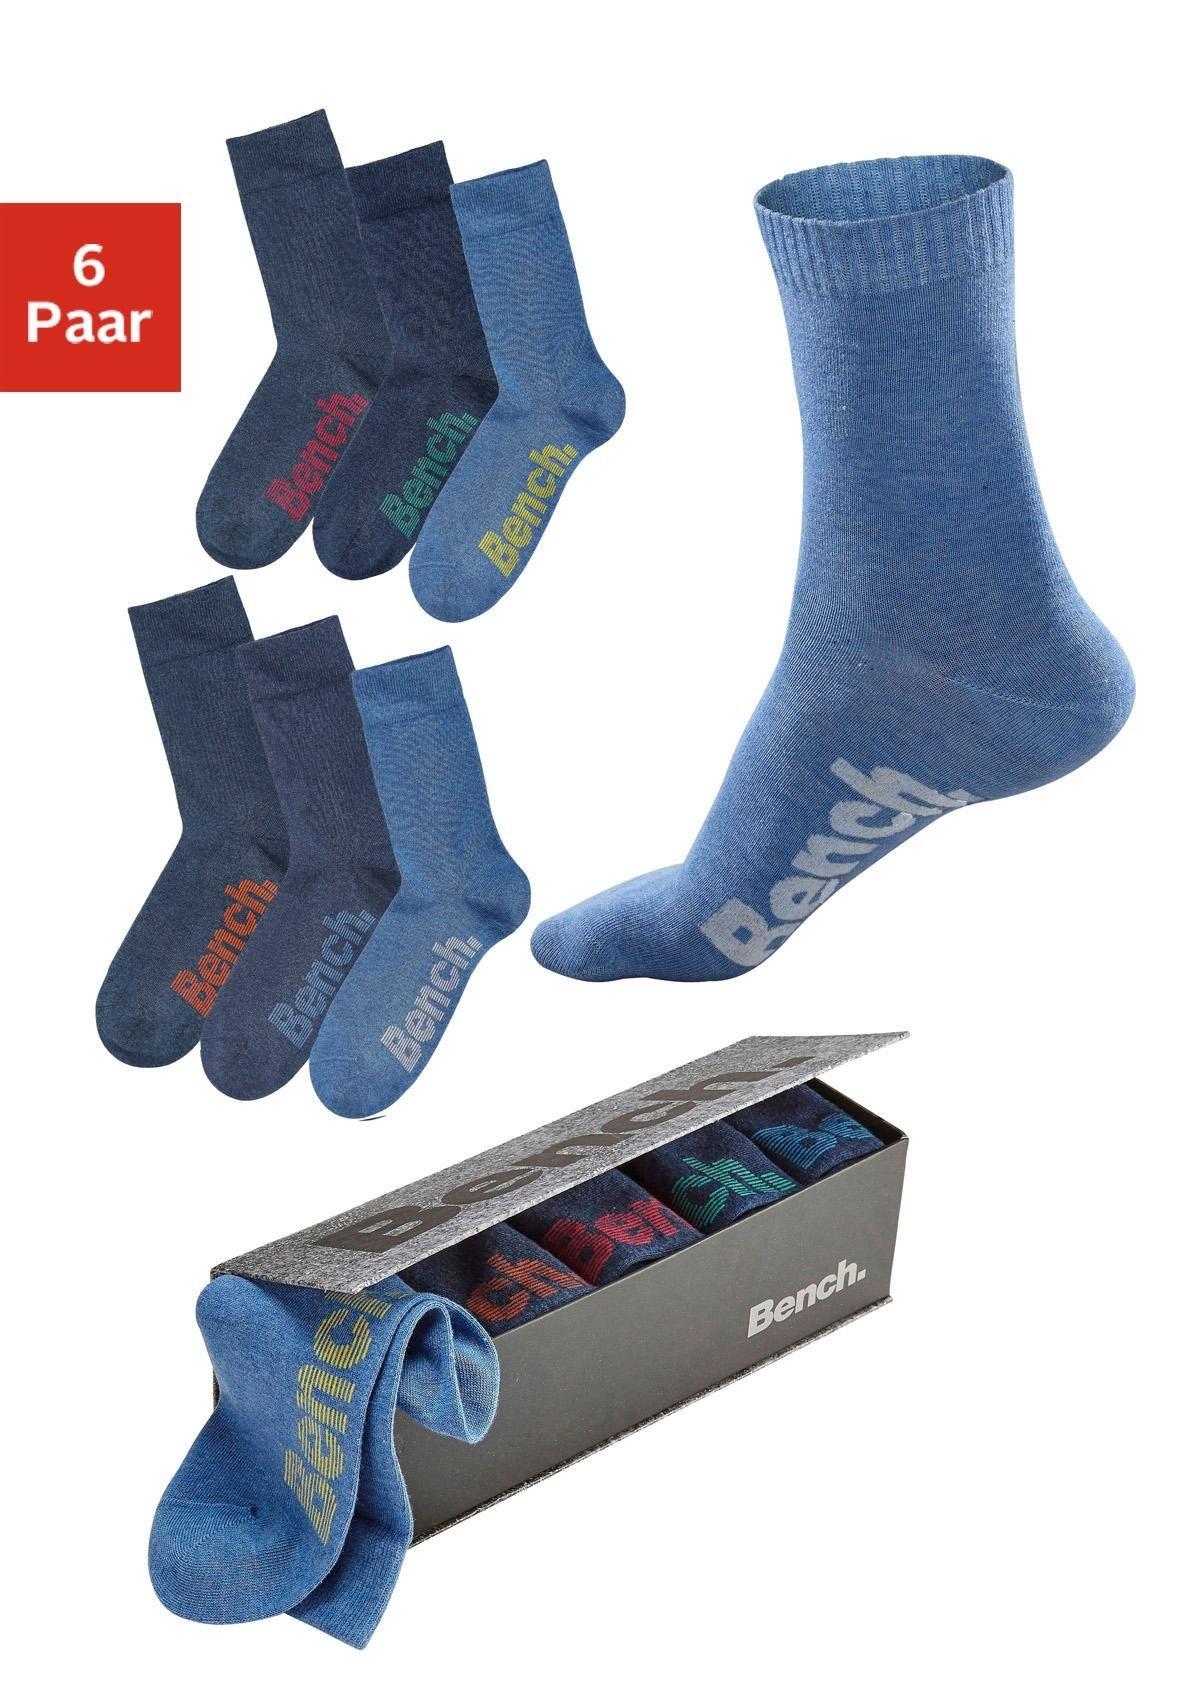 Bench. sokken (set van 6 paar) - verschillende betaalmethodes